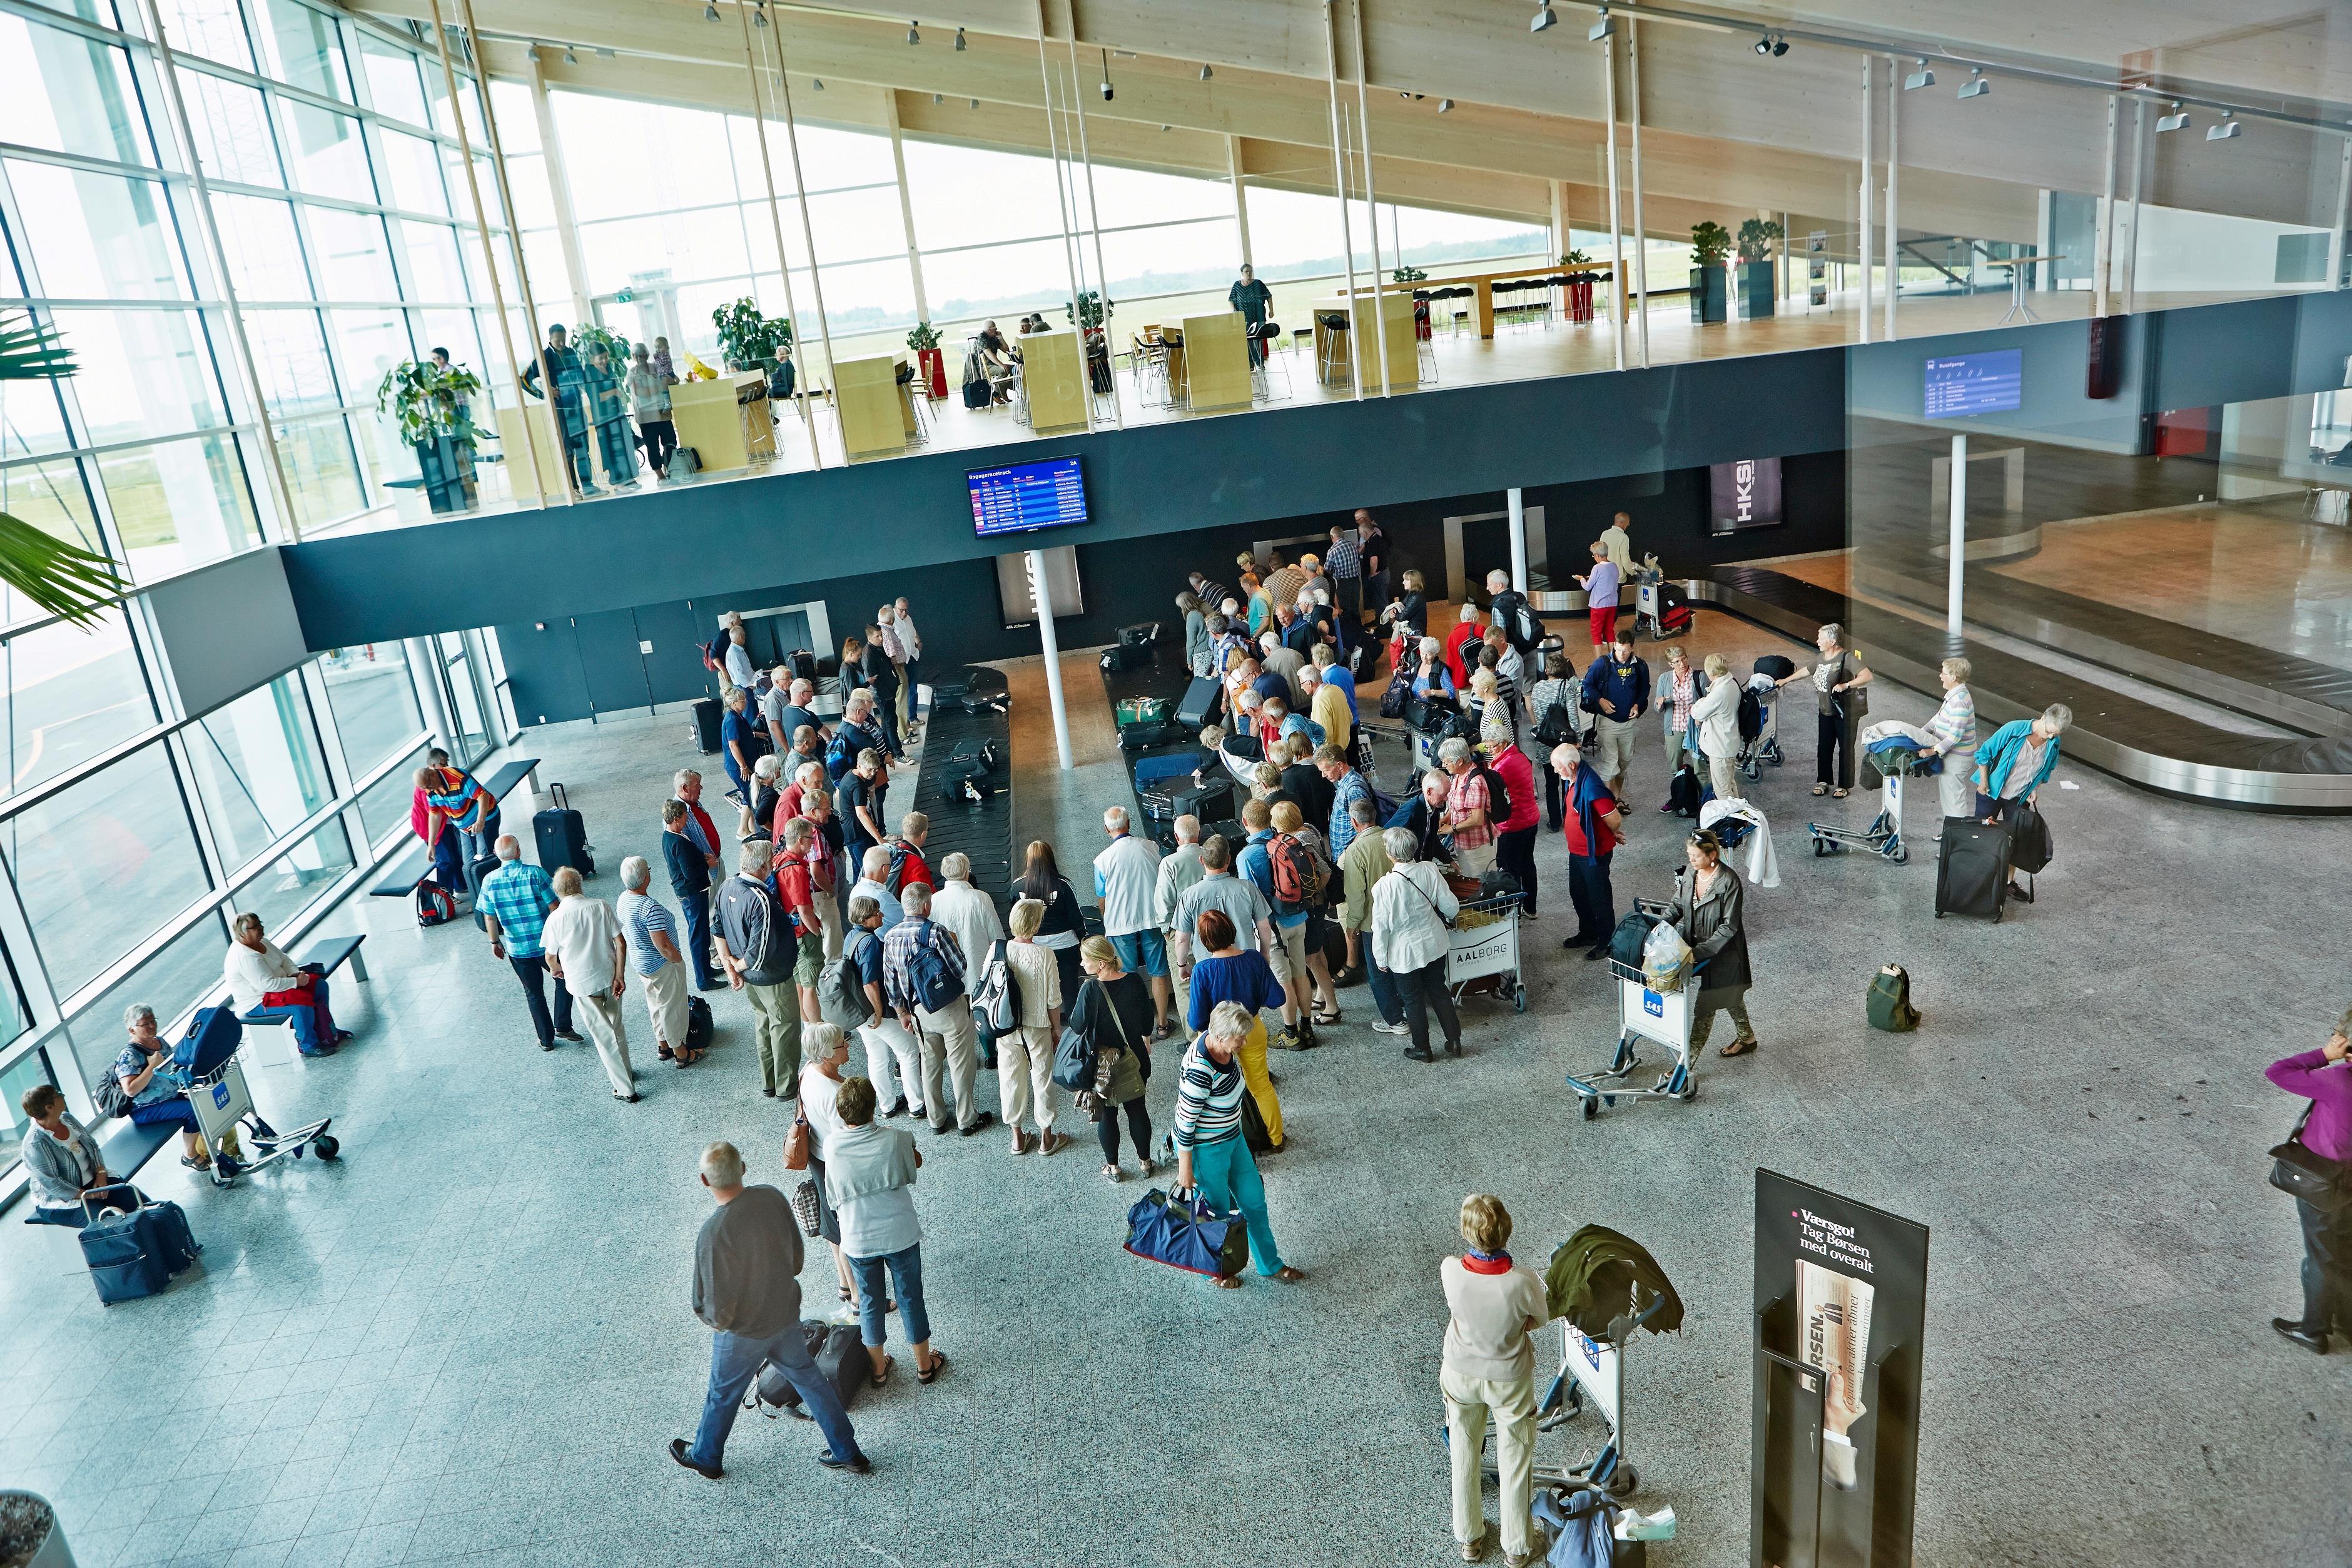 Ankommende passagerer i Aalborg Lufthavn. (Arkivfoto: Aalborg Lufthavn | PR)